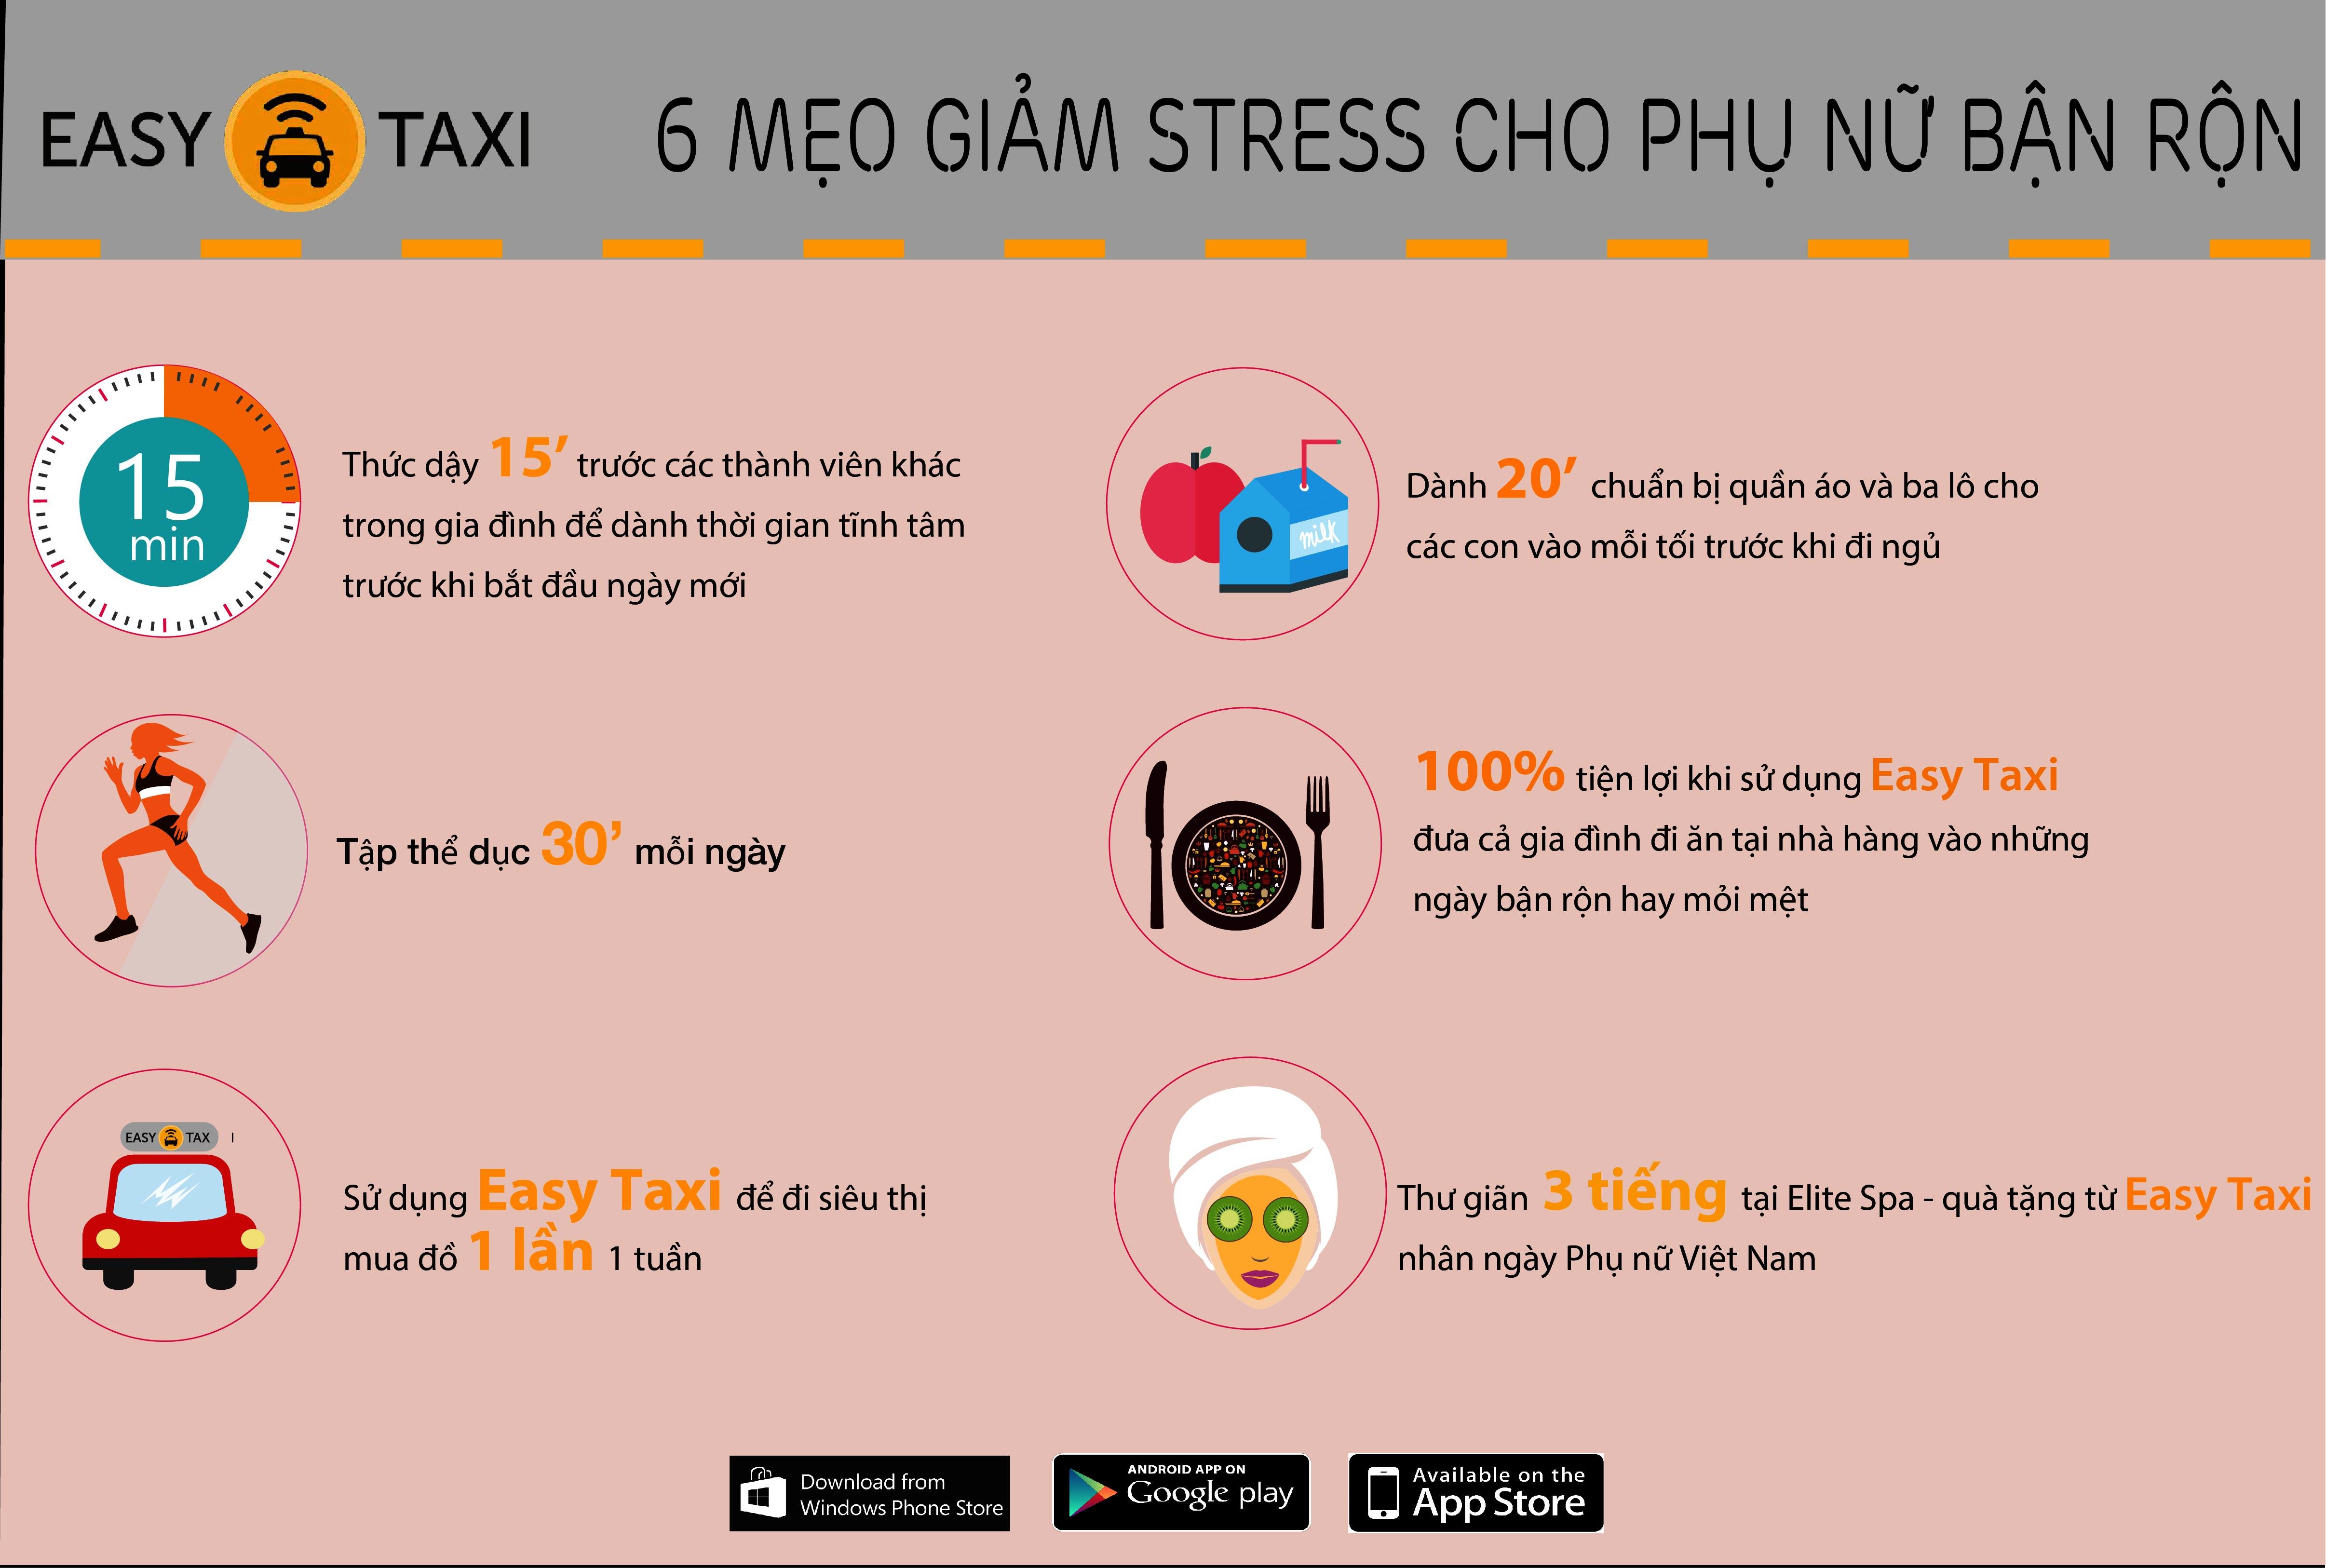 Easy Taxi Womens Day Infographic - Easy Taxi tri ân khách hàng nữ